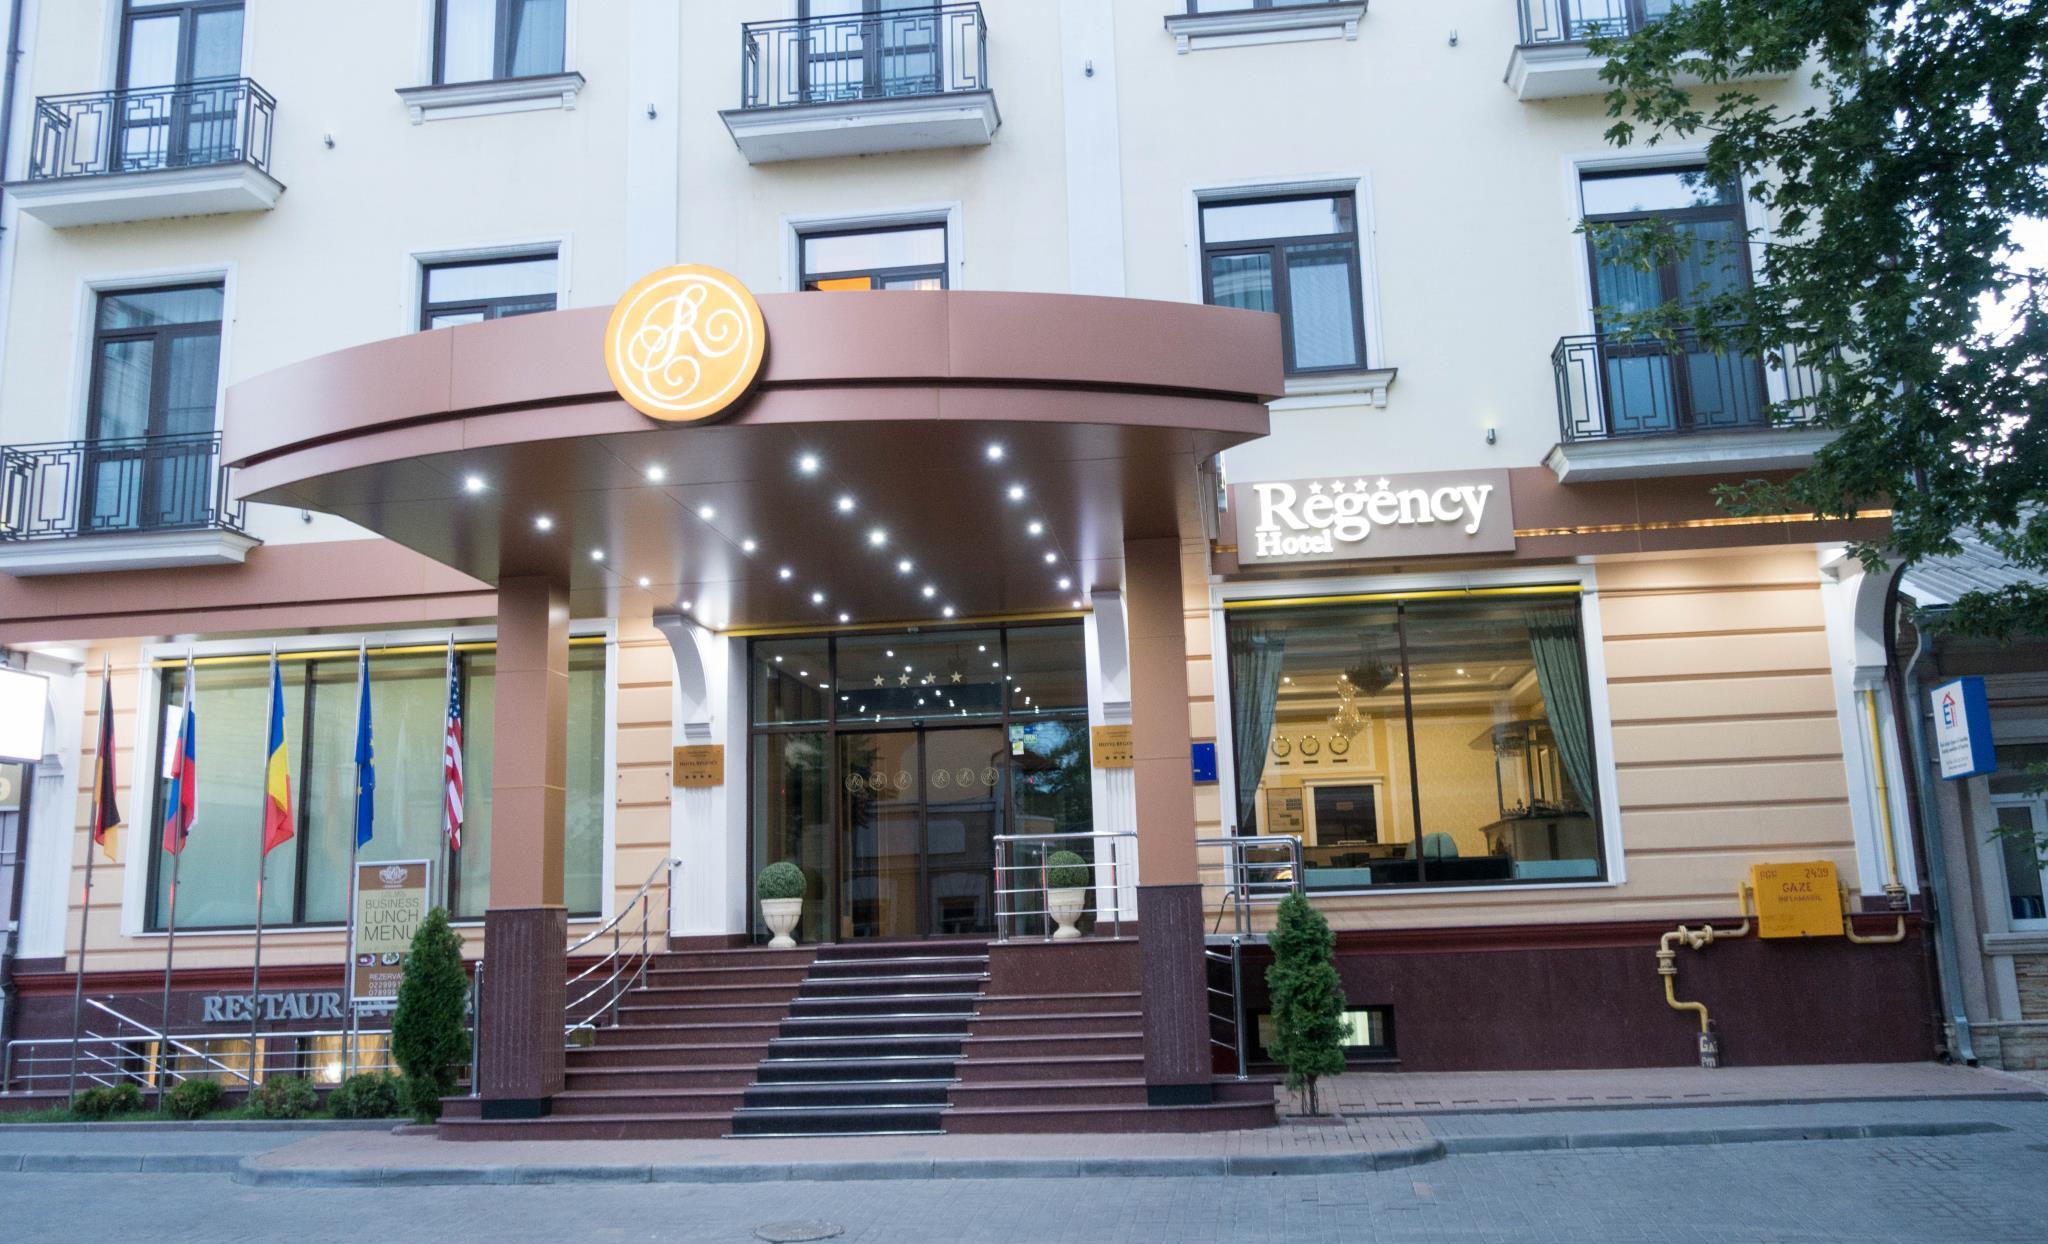 Regency Hotel Chisinau